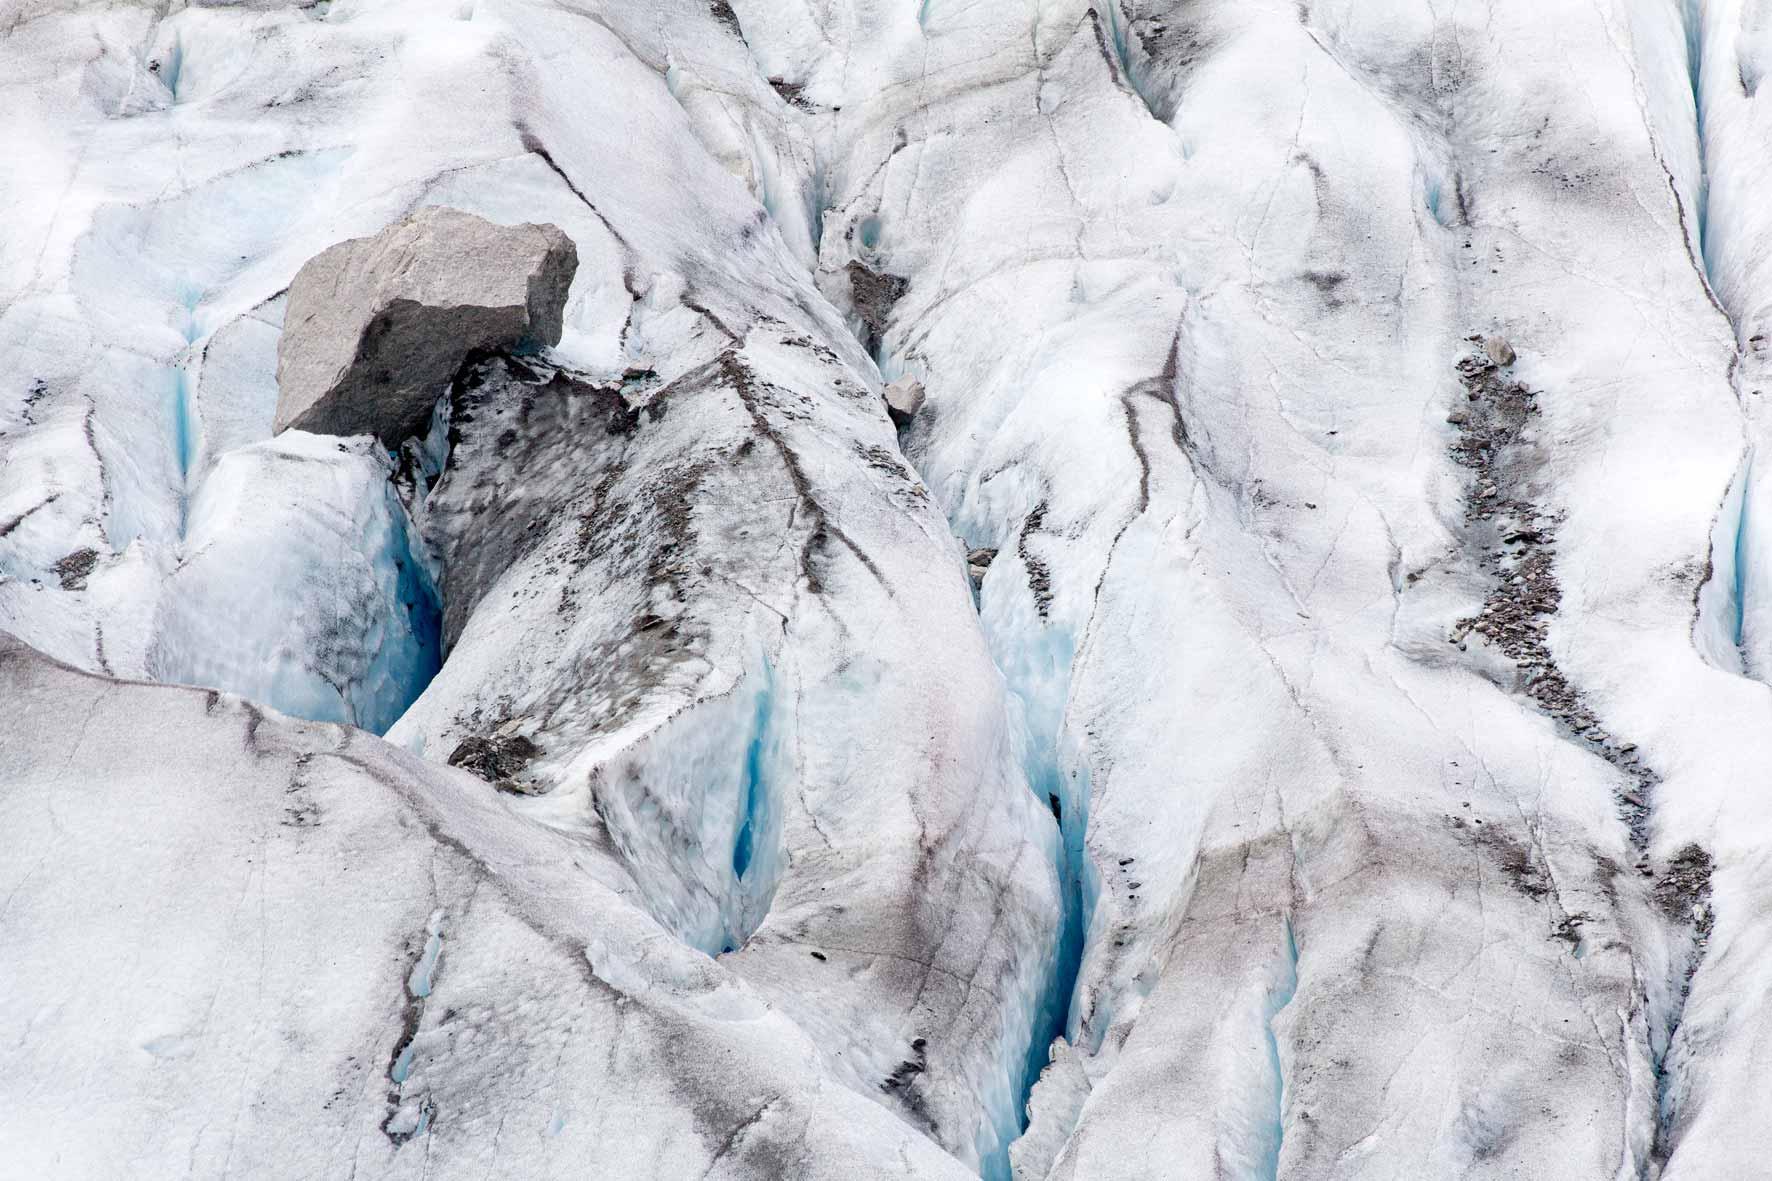 Stein auf dem Gletscher Austerdalsbreen